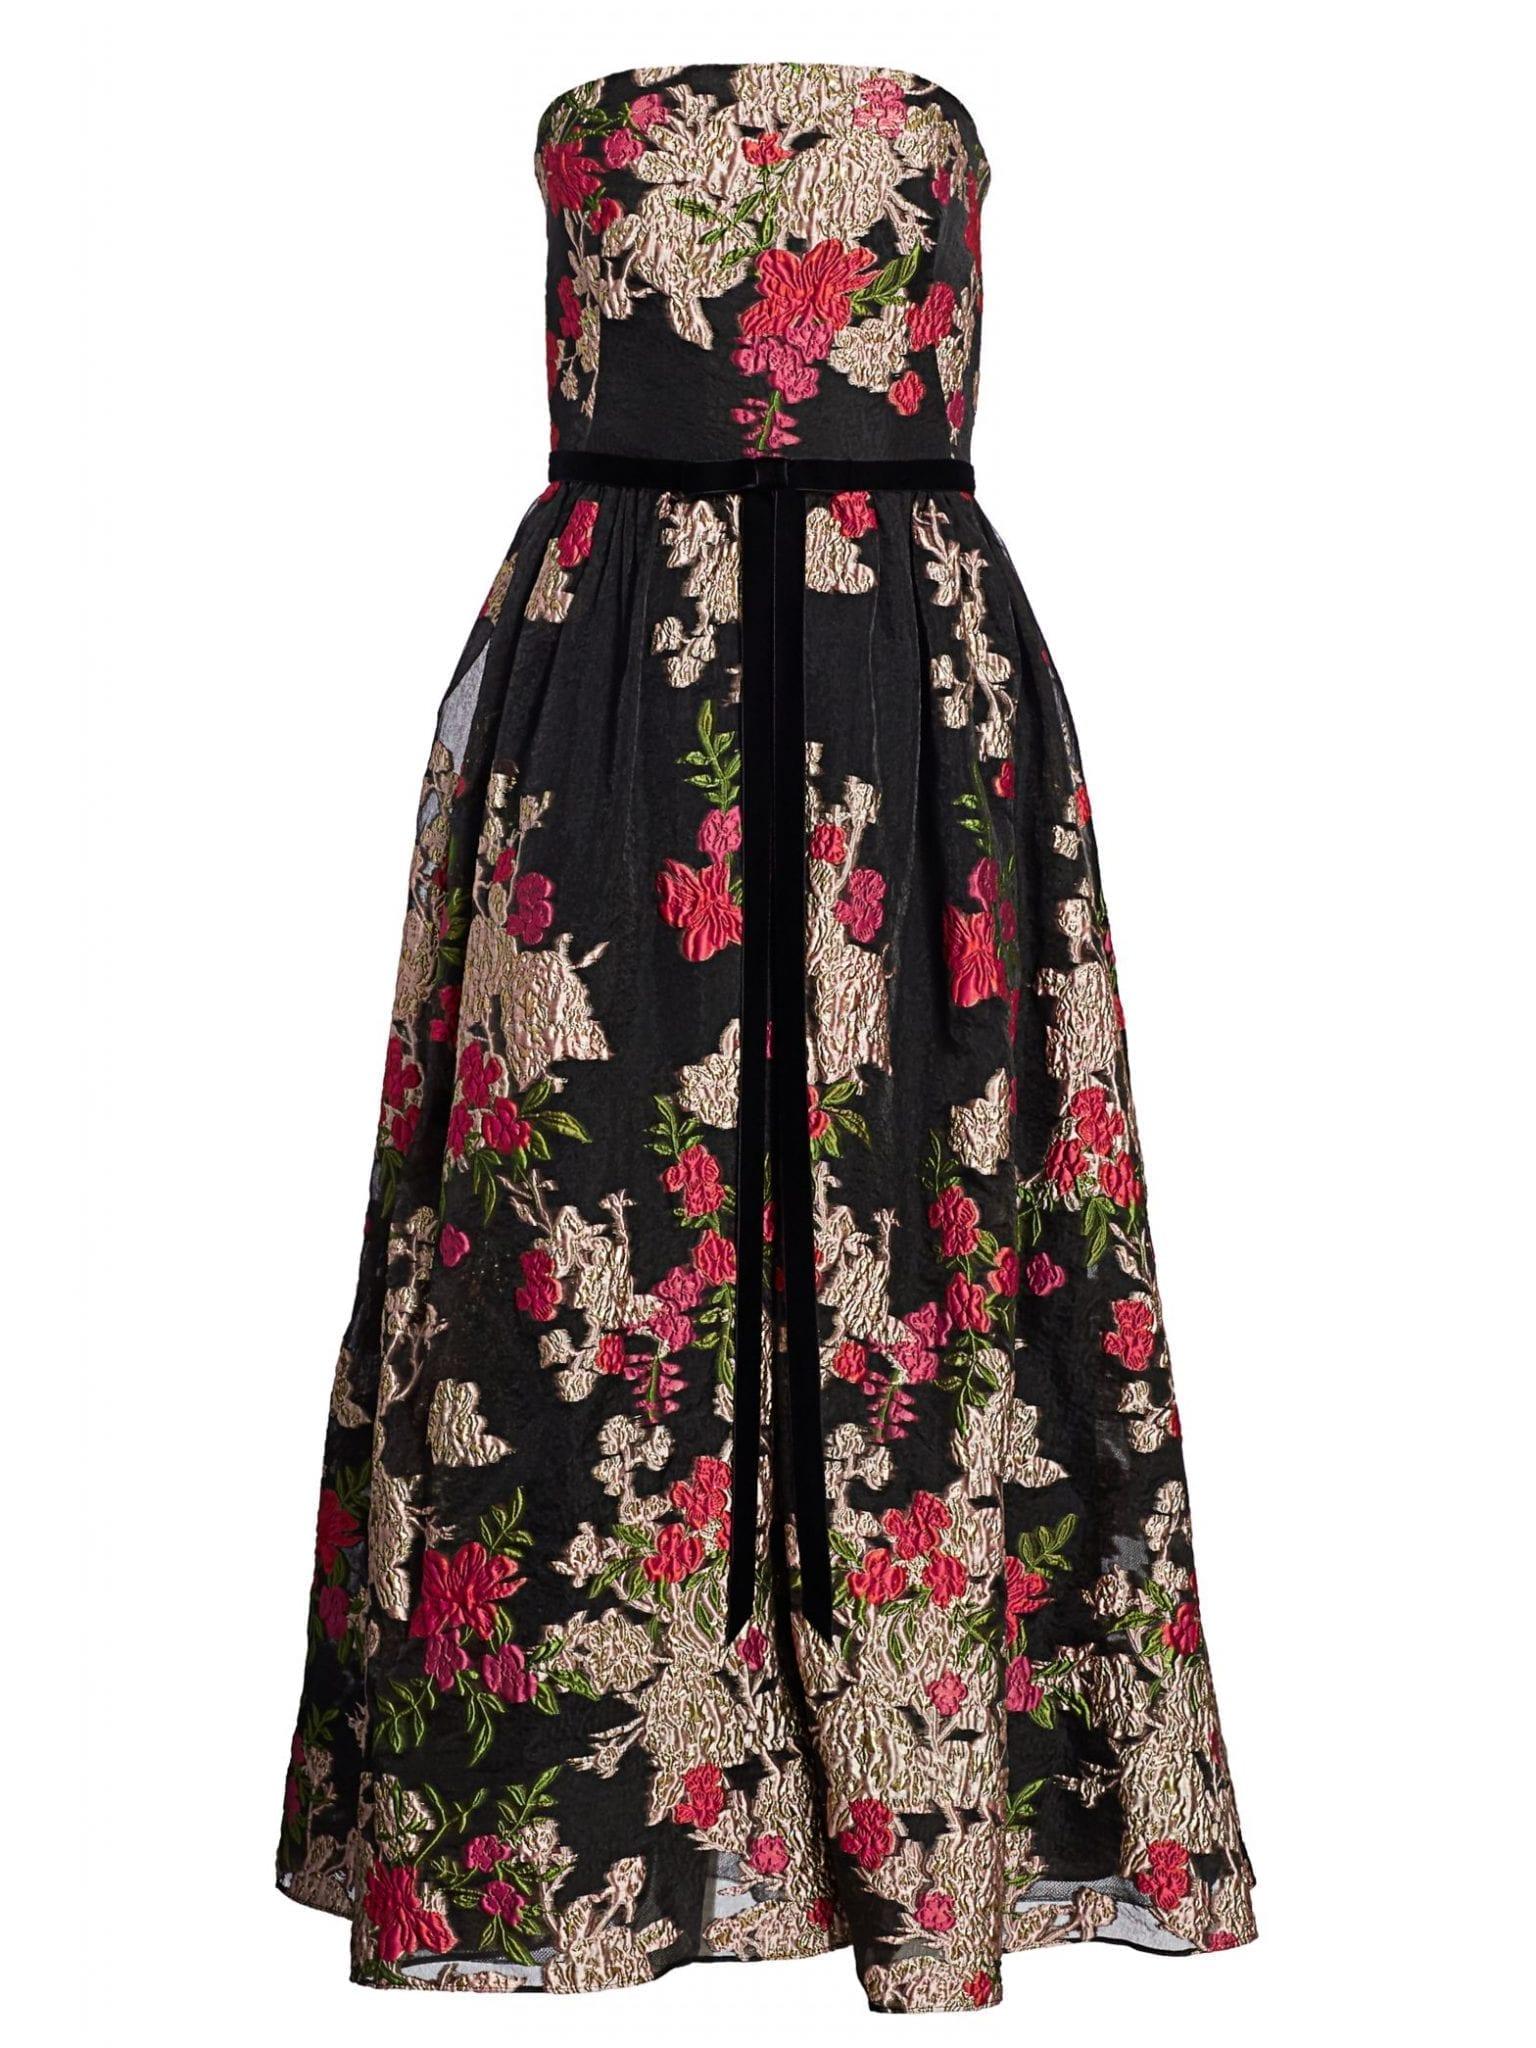 MARCHESA NOTTE Floral Cocktail Dress